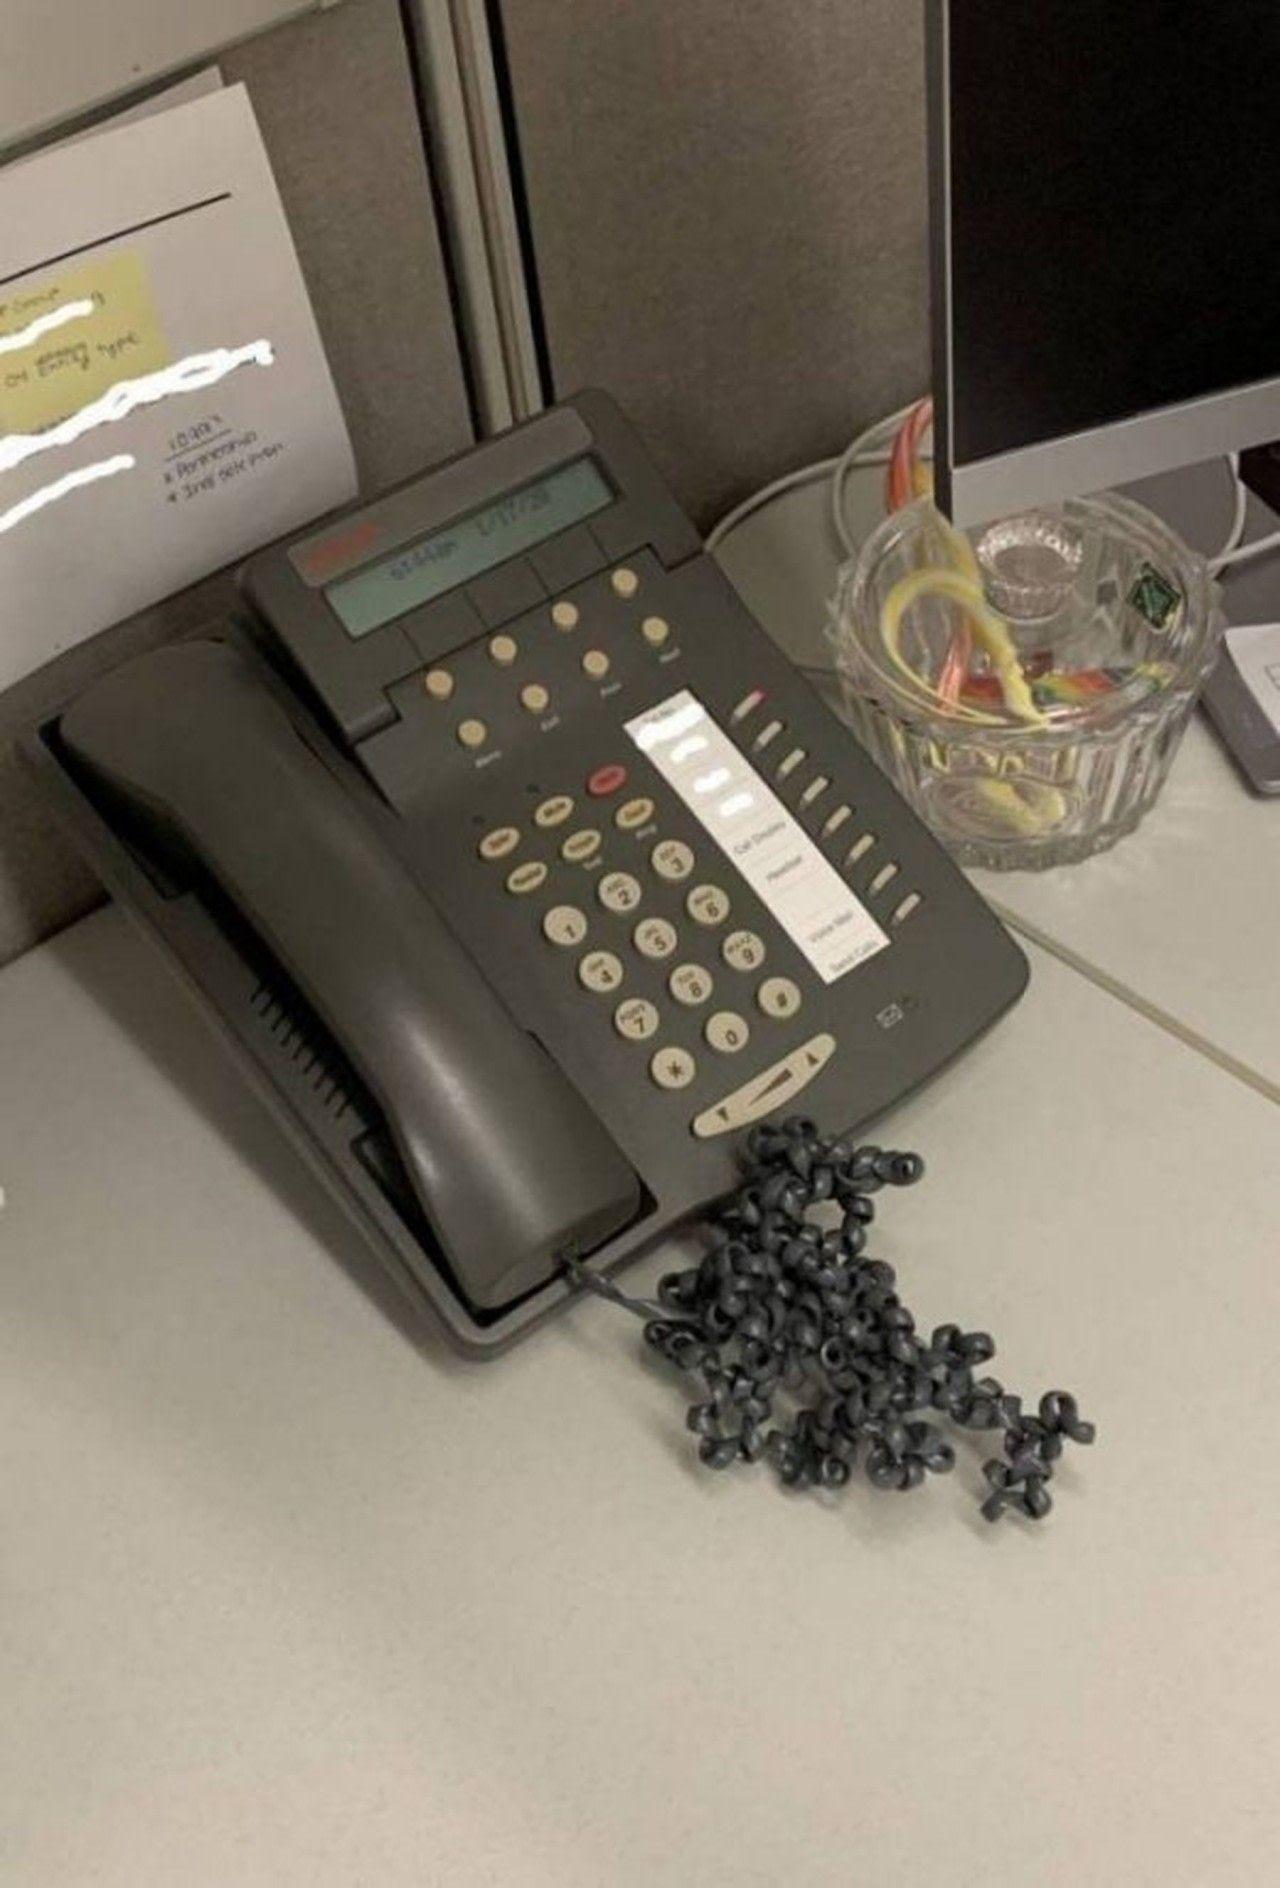 Telefon Verloren